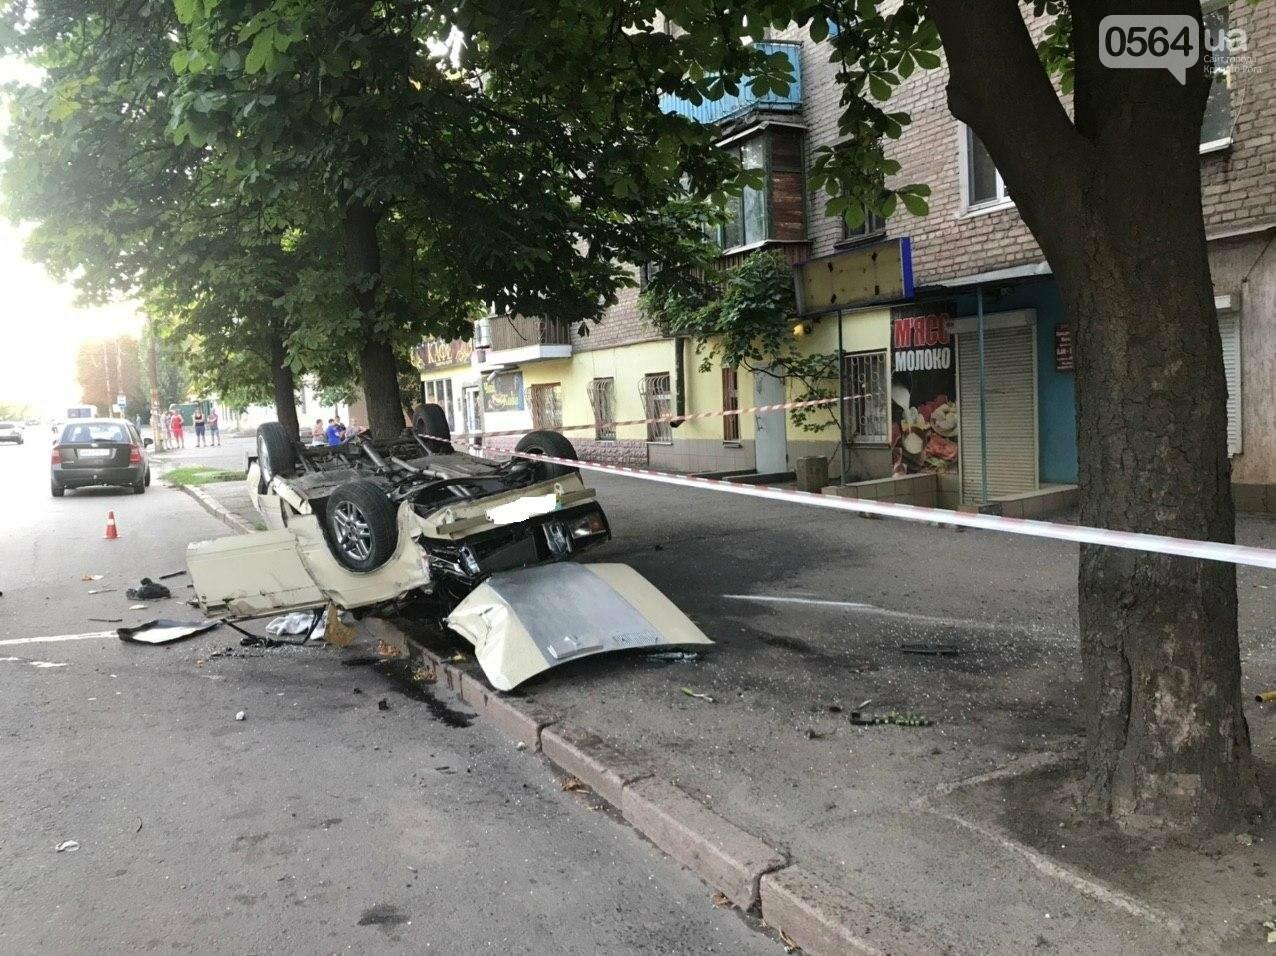 """В Кривом Роге автомобиль с пассажирами """"влетел"""" в здание и перевернулся на крышу. Водитель сбежал с места ДТП, - ФОТО, фото-4"""